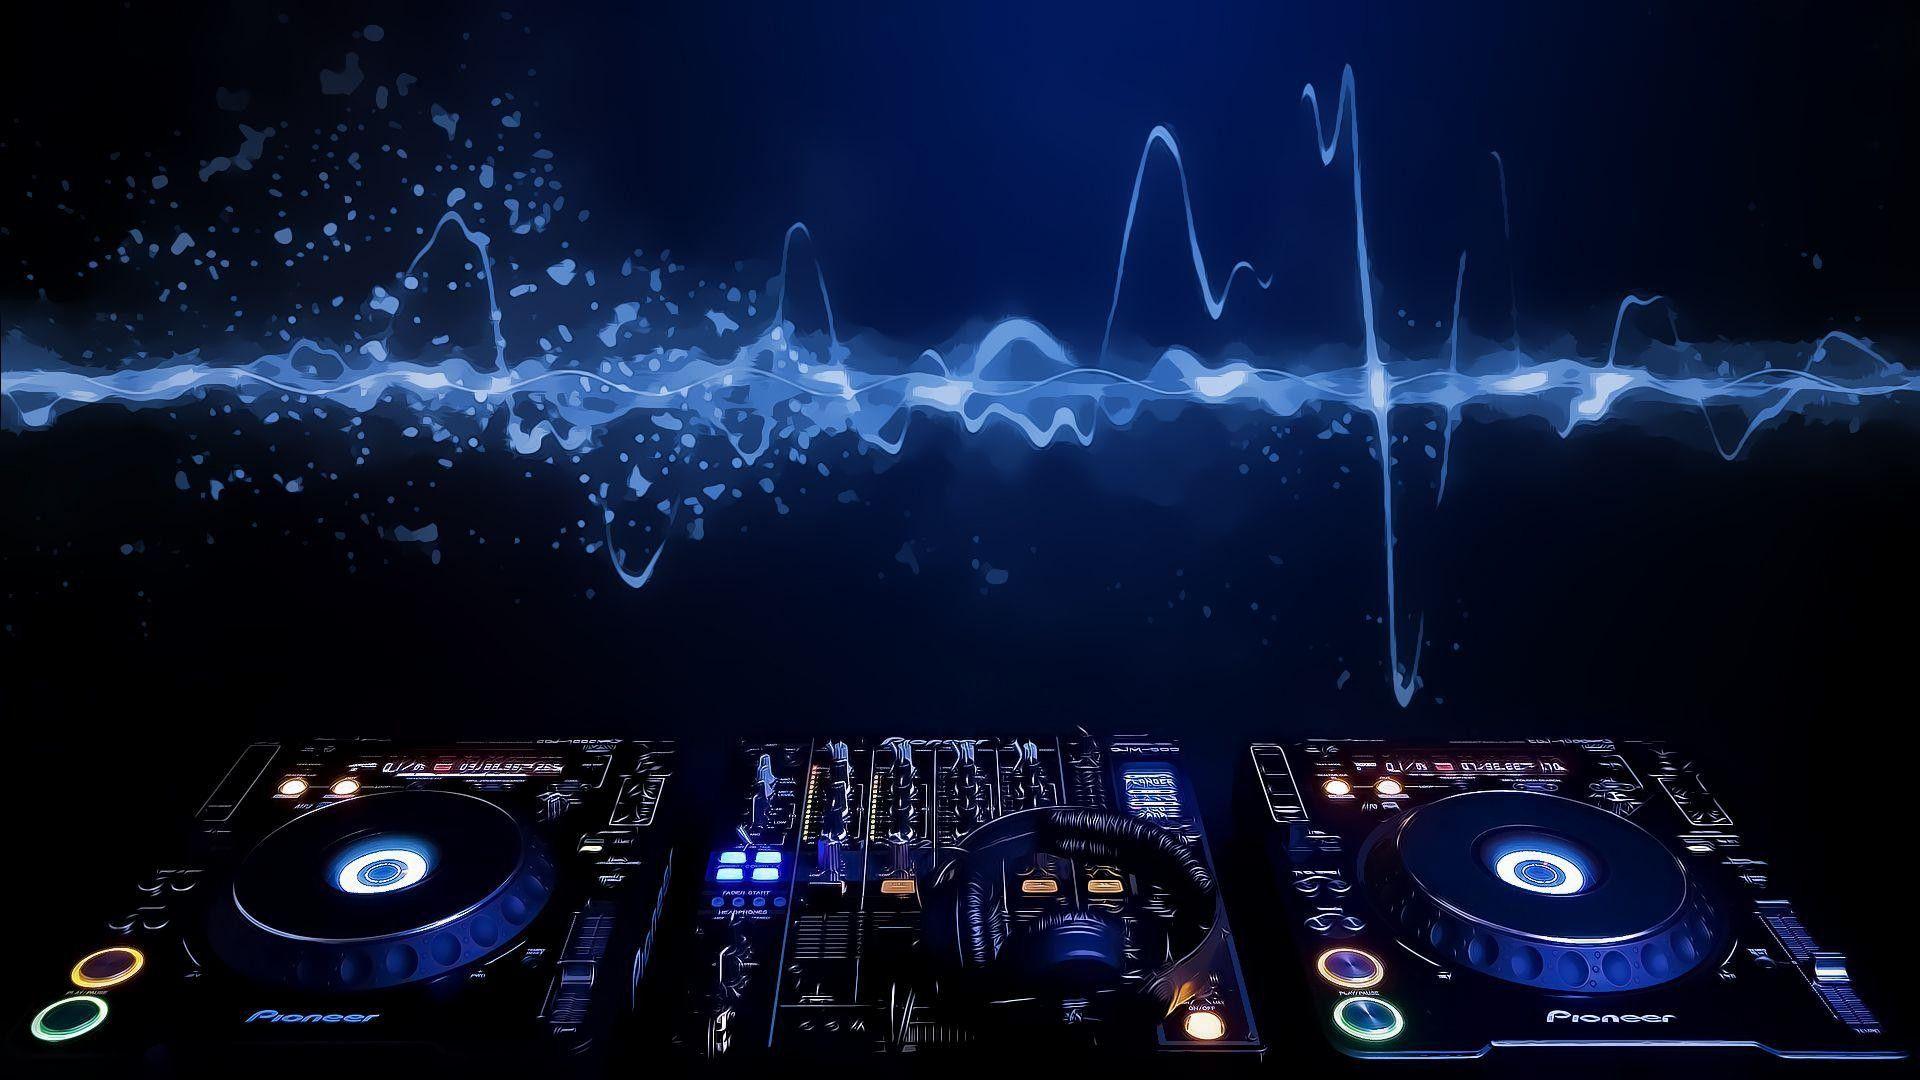 Download Free Dj Wallpaper Full Hd 1920x1080 Remix Music Dj Download Trance Music